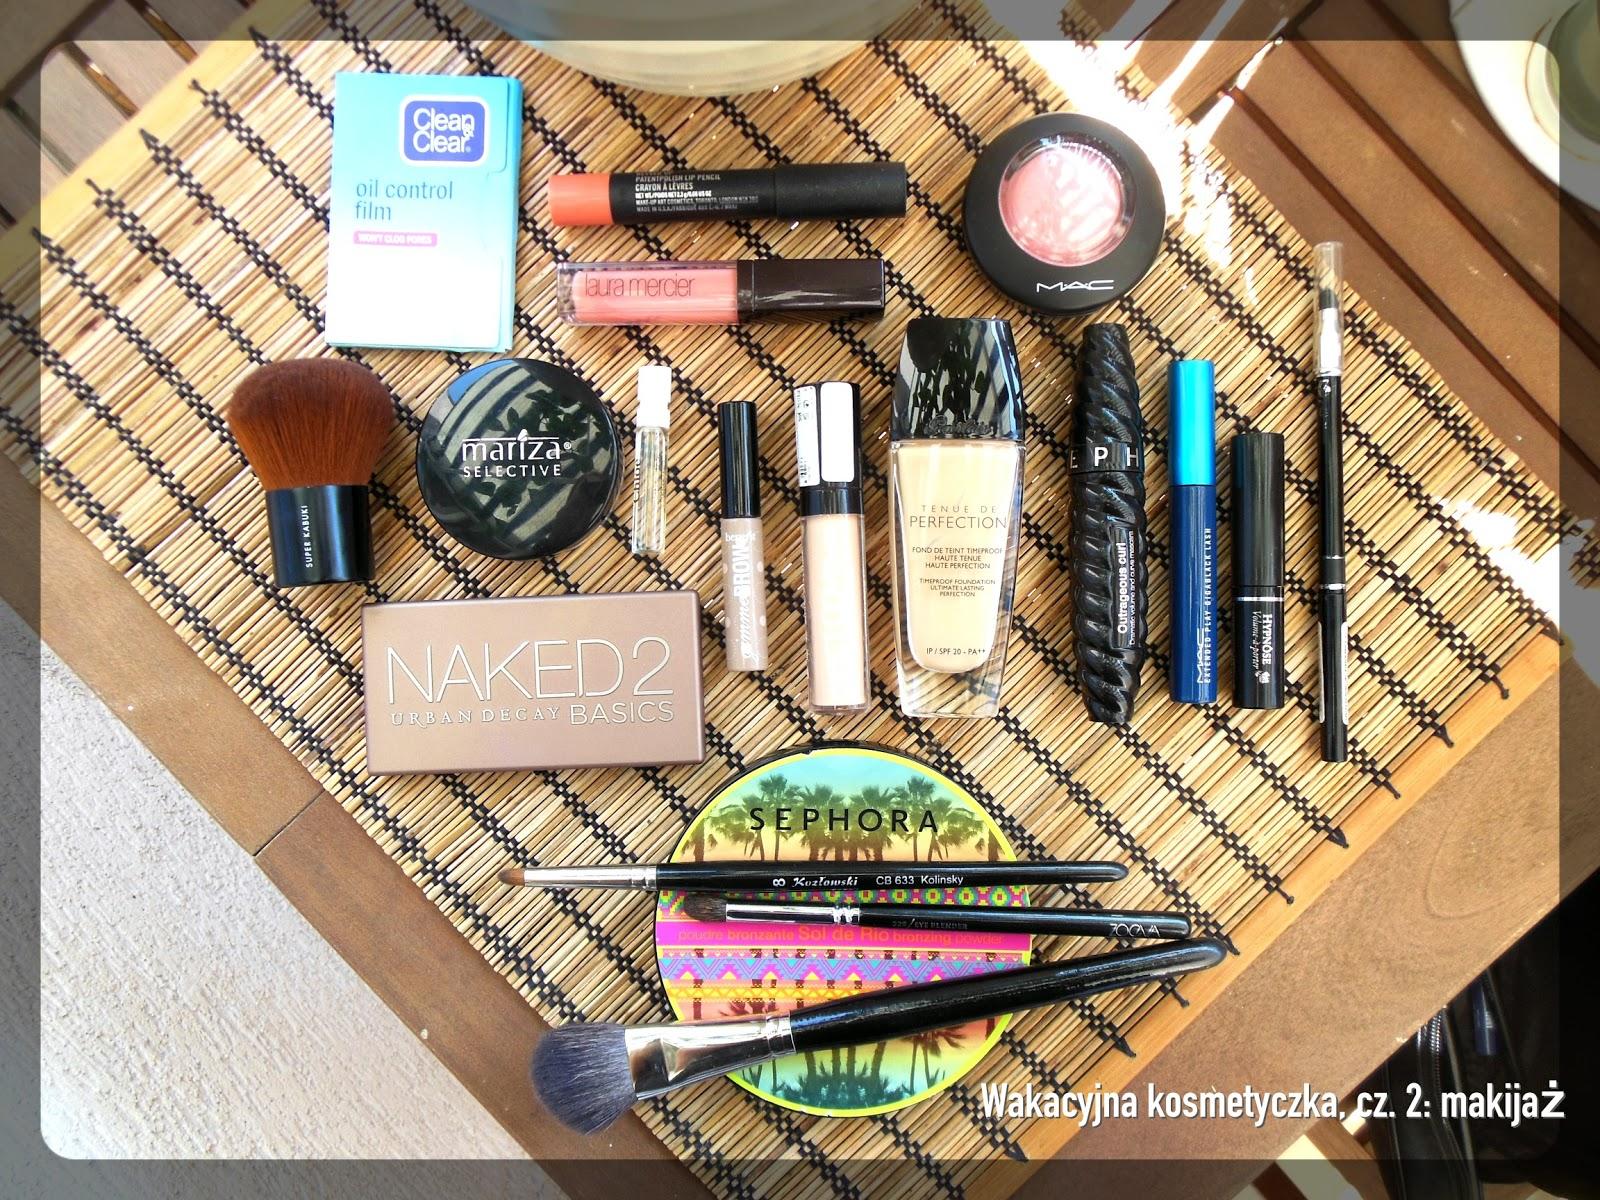 Moja wakacyjna kosmetyczka, cz. 2: makijaż